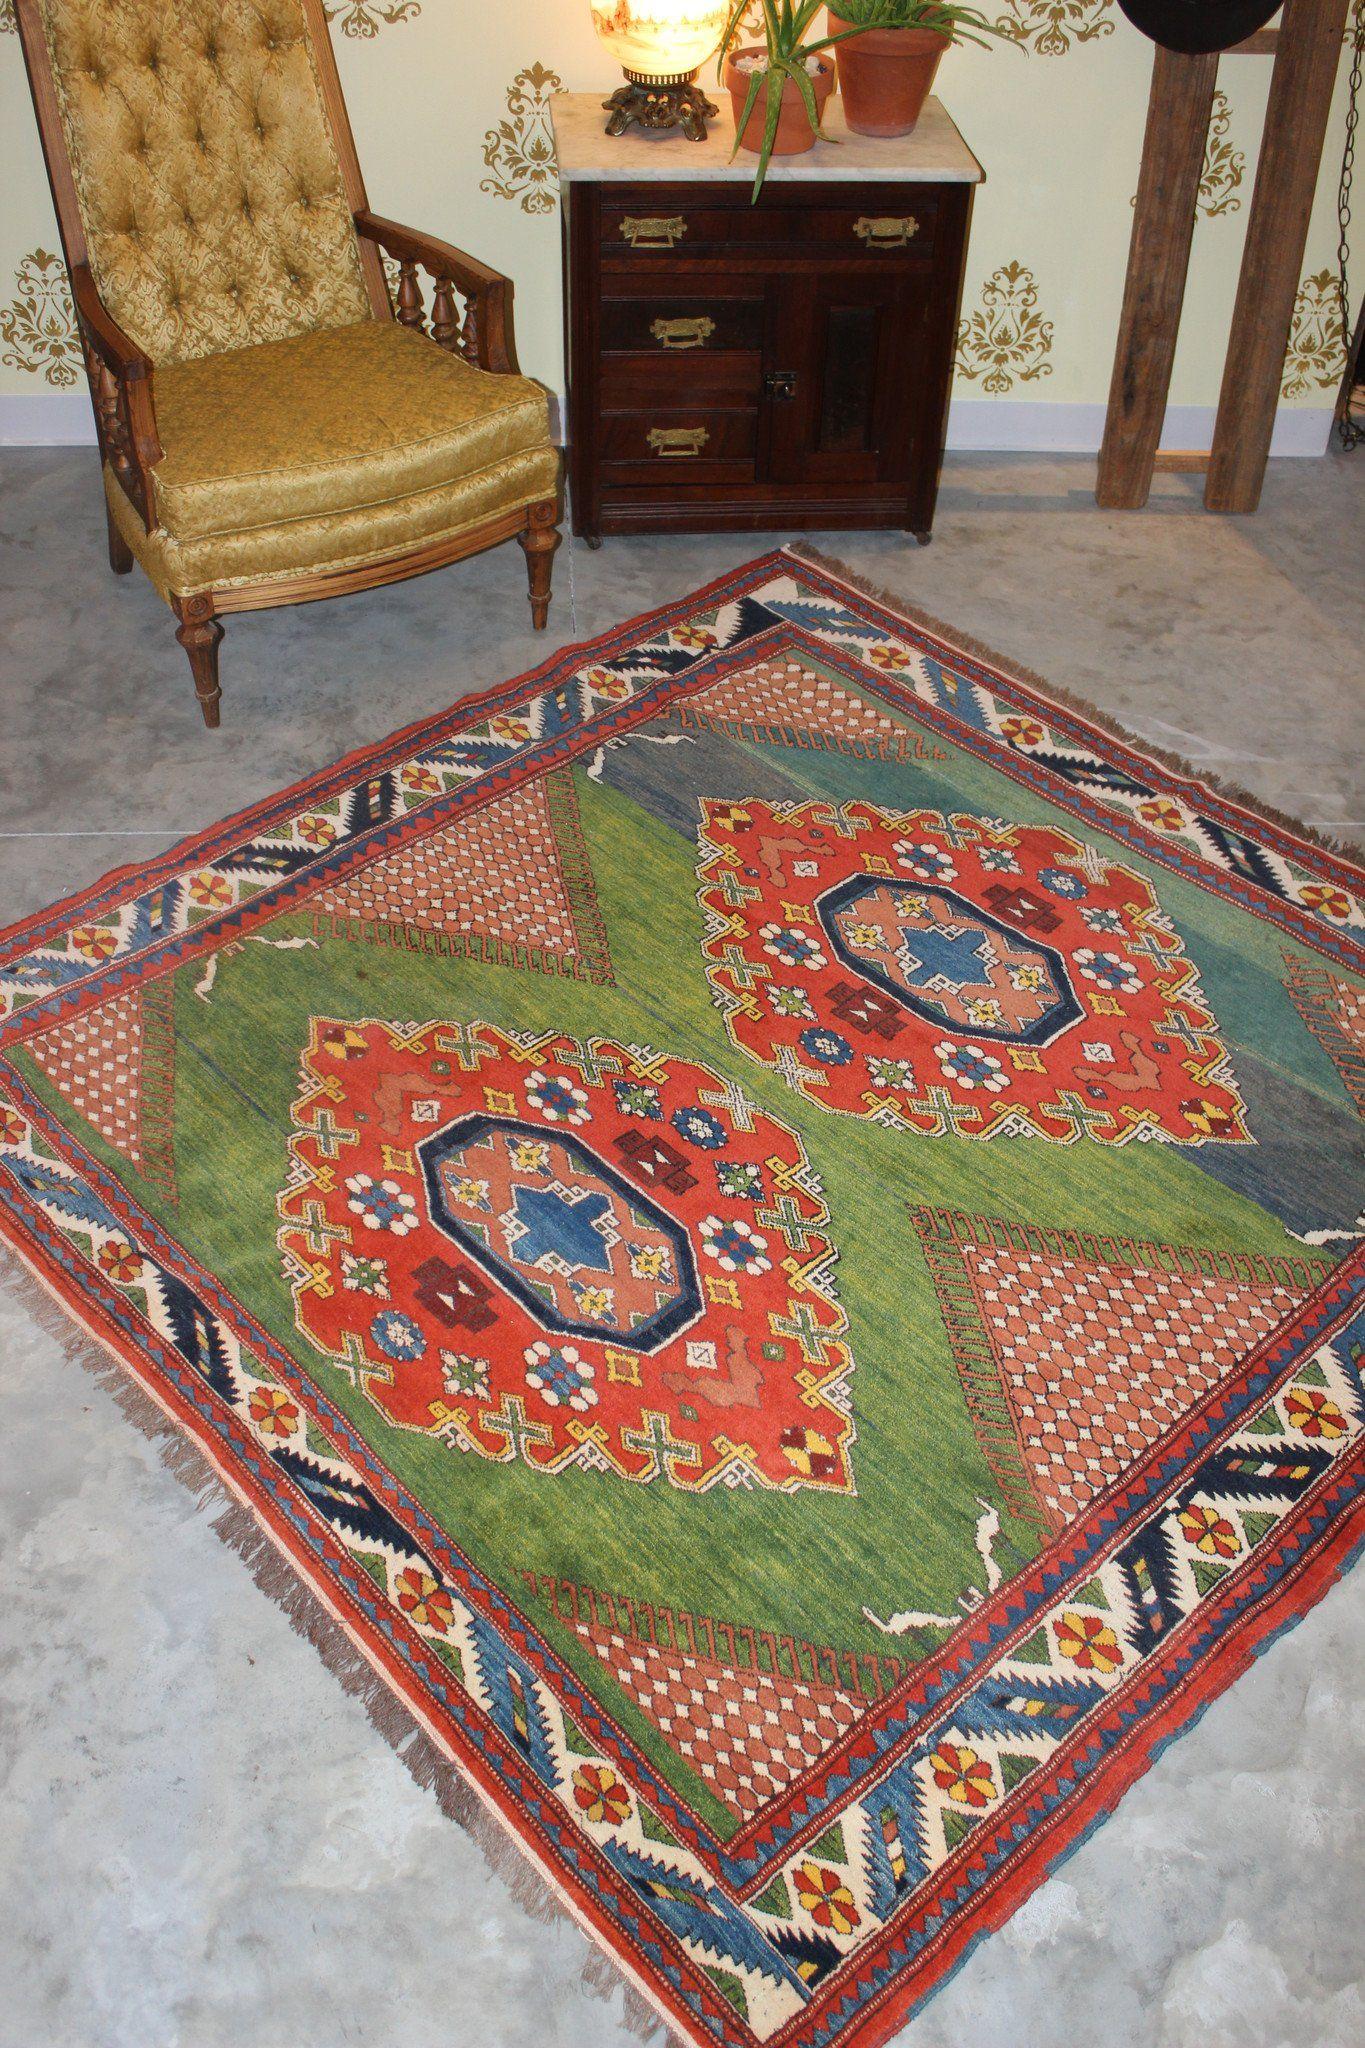 jungalow rug vintage vintage rug boho decor boho style rustic boho how i boho bohemian on boho chic kitchen rugs id=28637